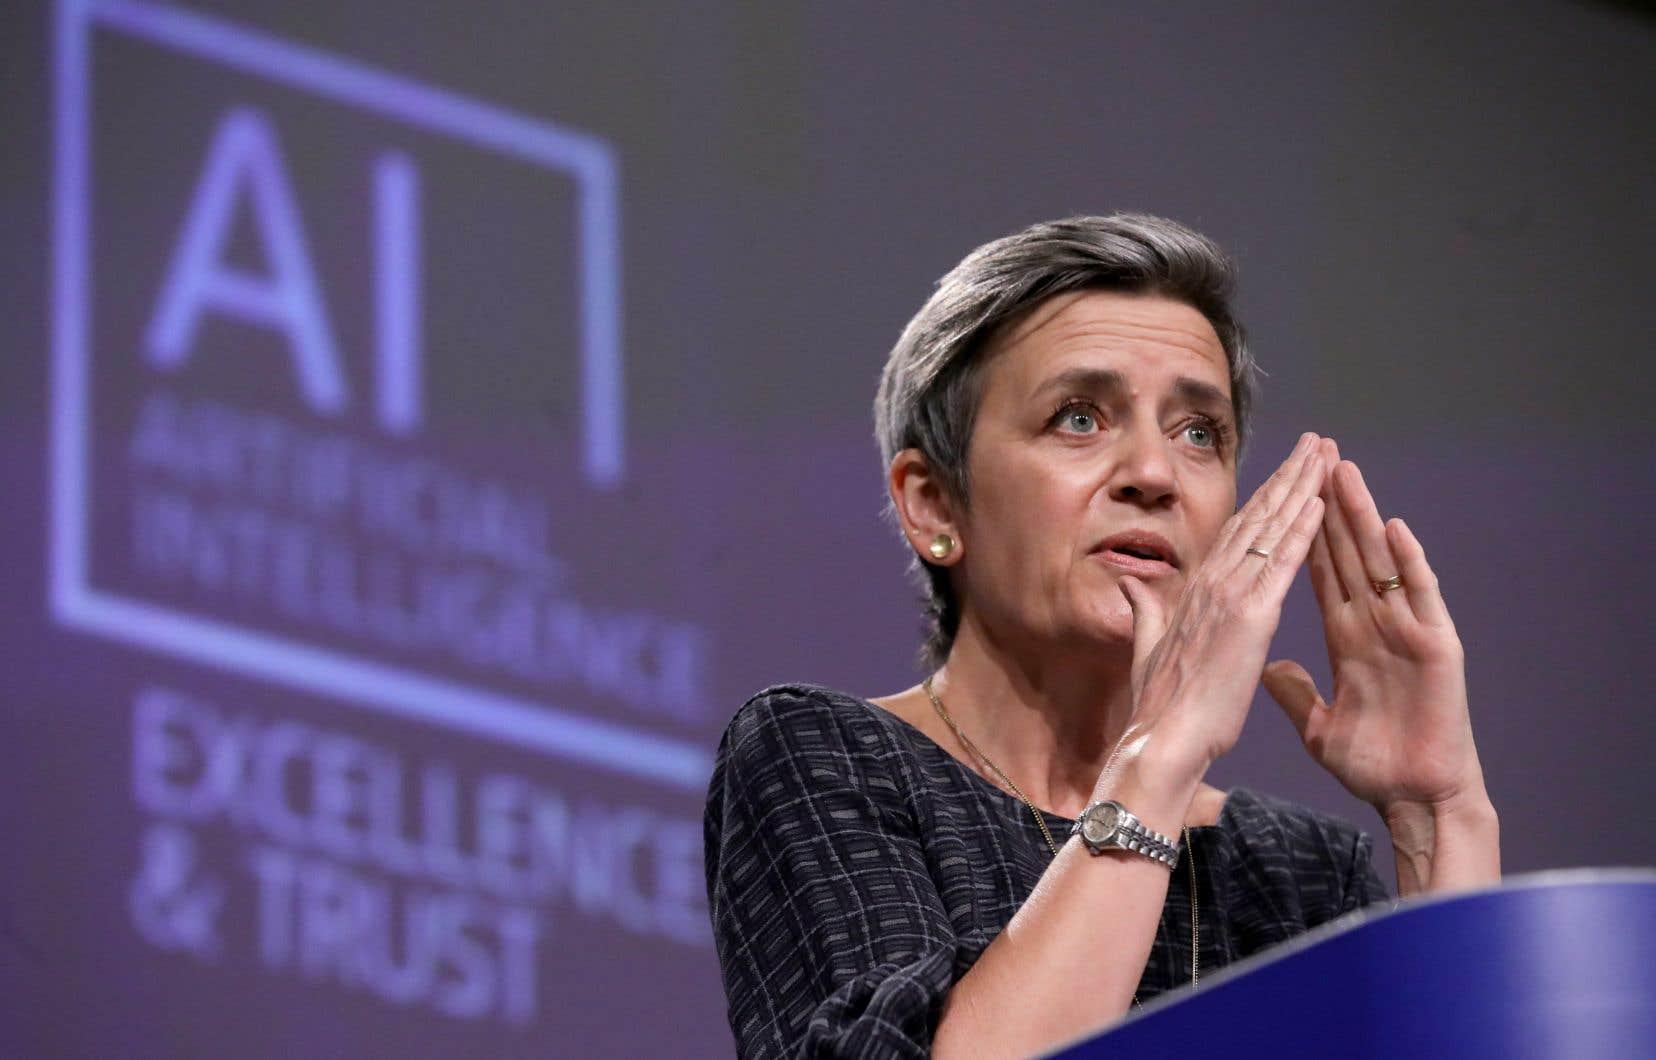 Margrethe Vestager, vice-présidente de la Commission européenne, a présenté le projet de régulation de l'usage de l'intelligence artificielle à Bruxelles mercredi.